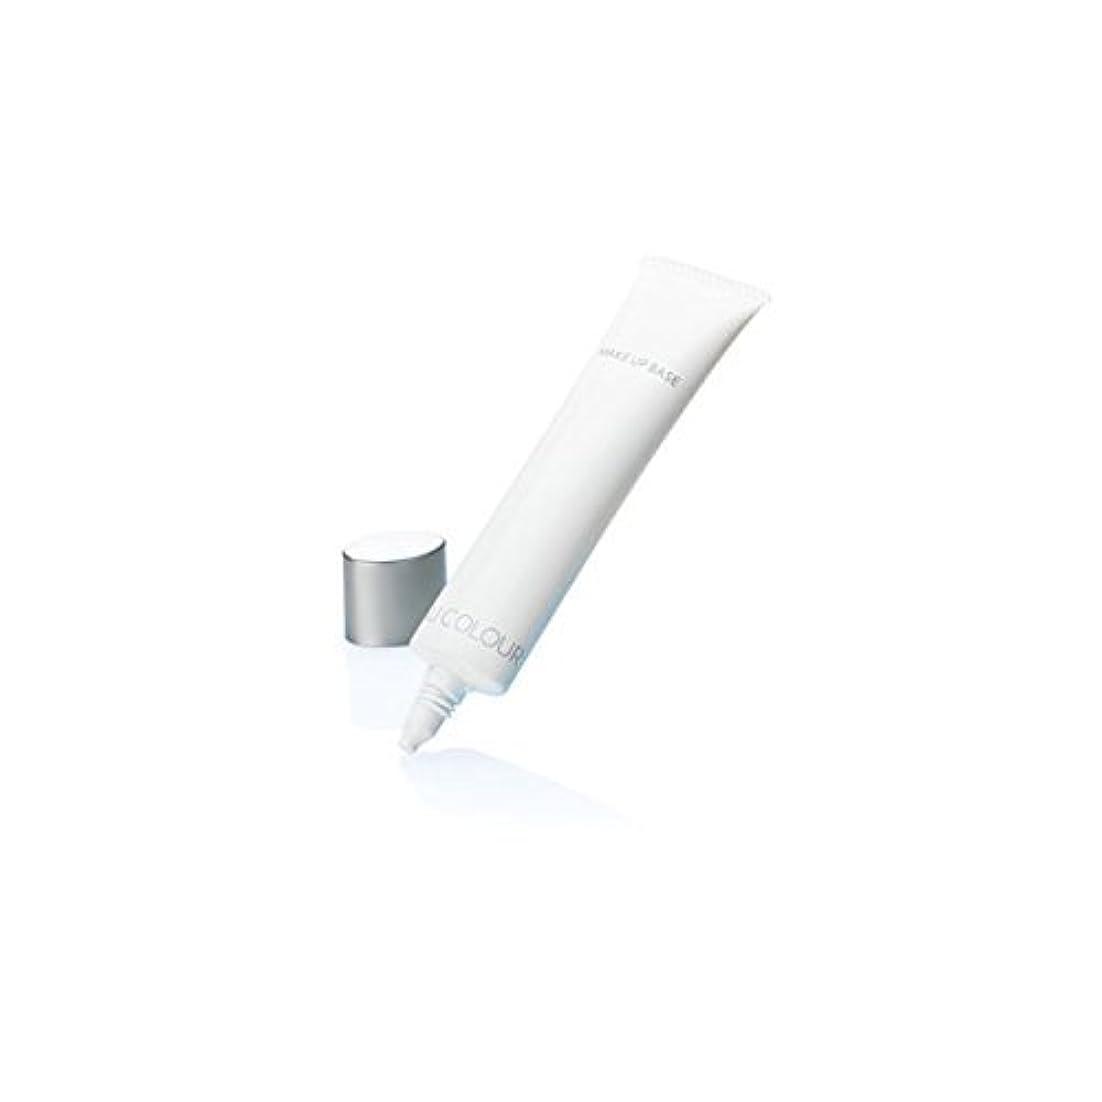 落ち込んでいる不毛の効率ニュースキン NU SKIN UV メイクアップ ベース SPF18?PA++ クリア 03160813